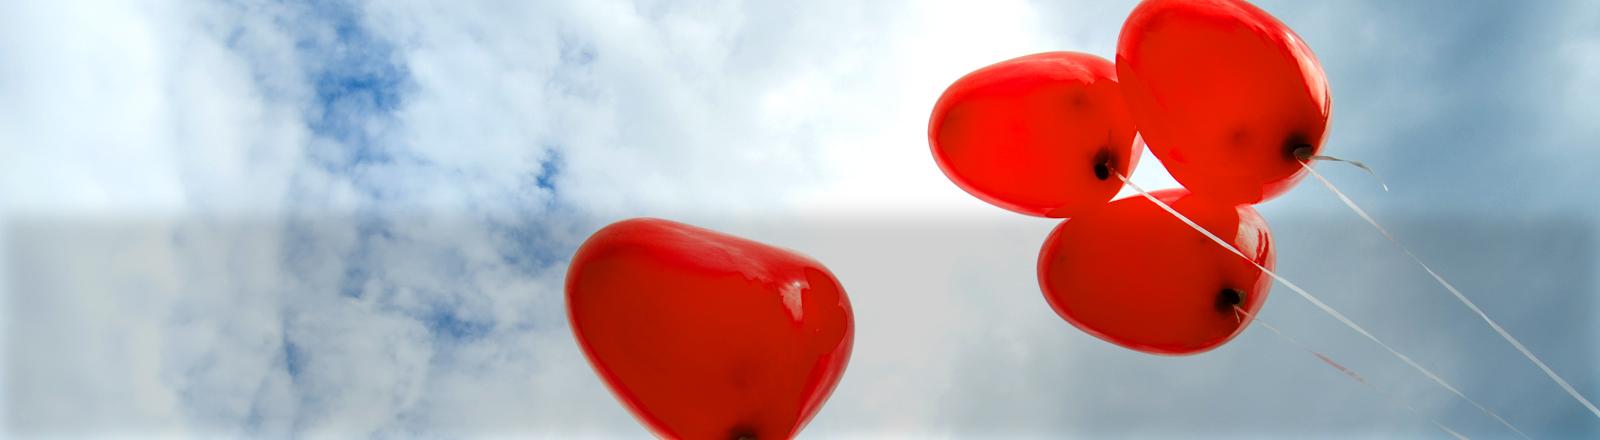 Mehrere Herzluftballons fliegen vor blauem Himmel.